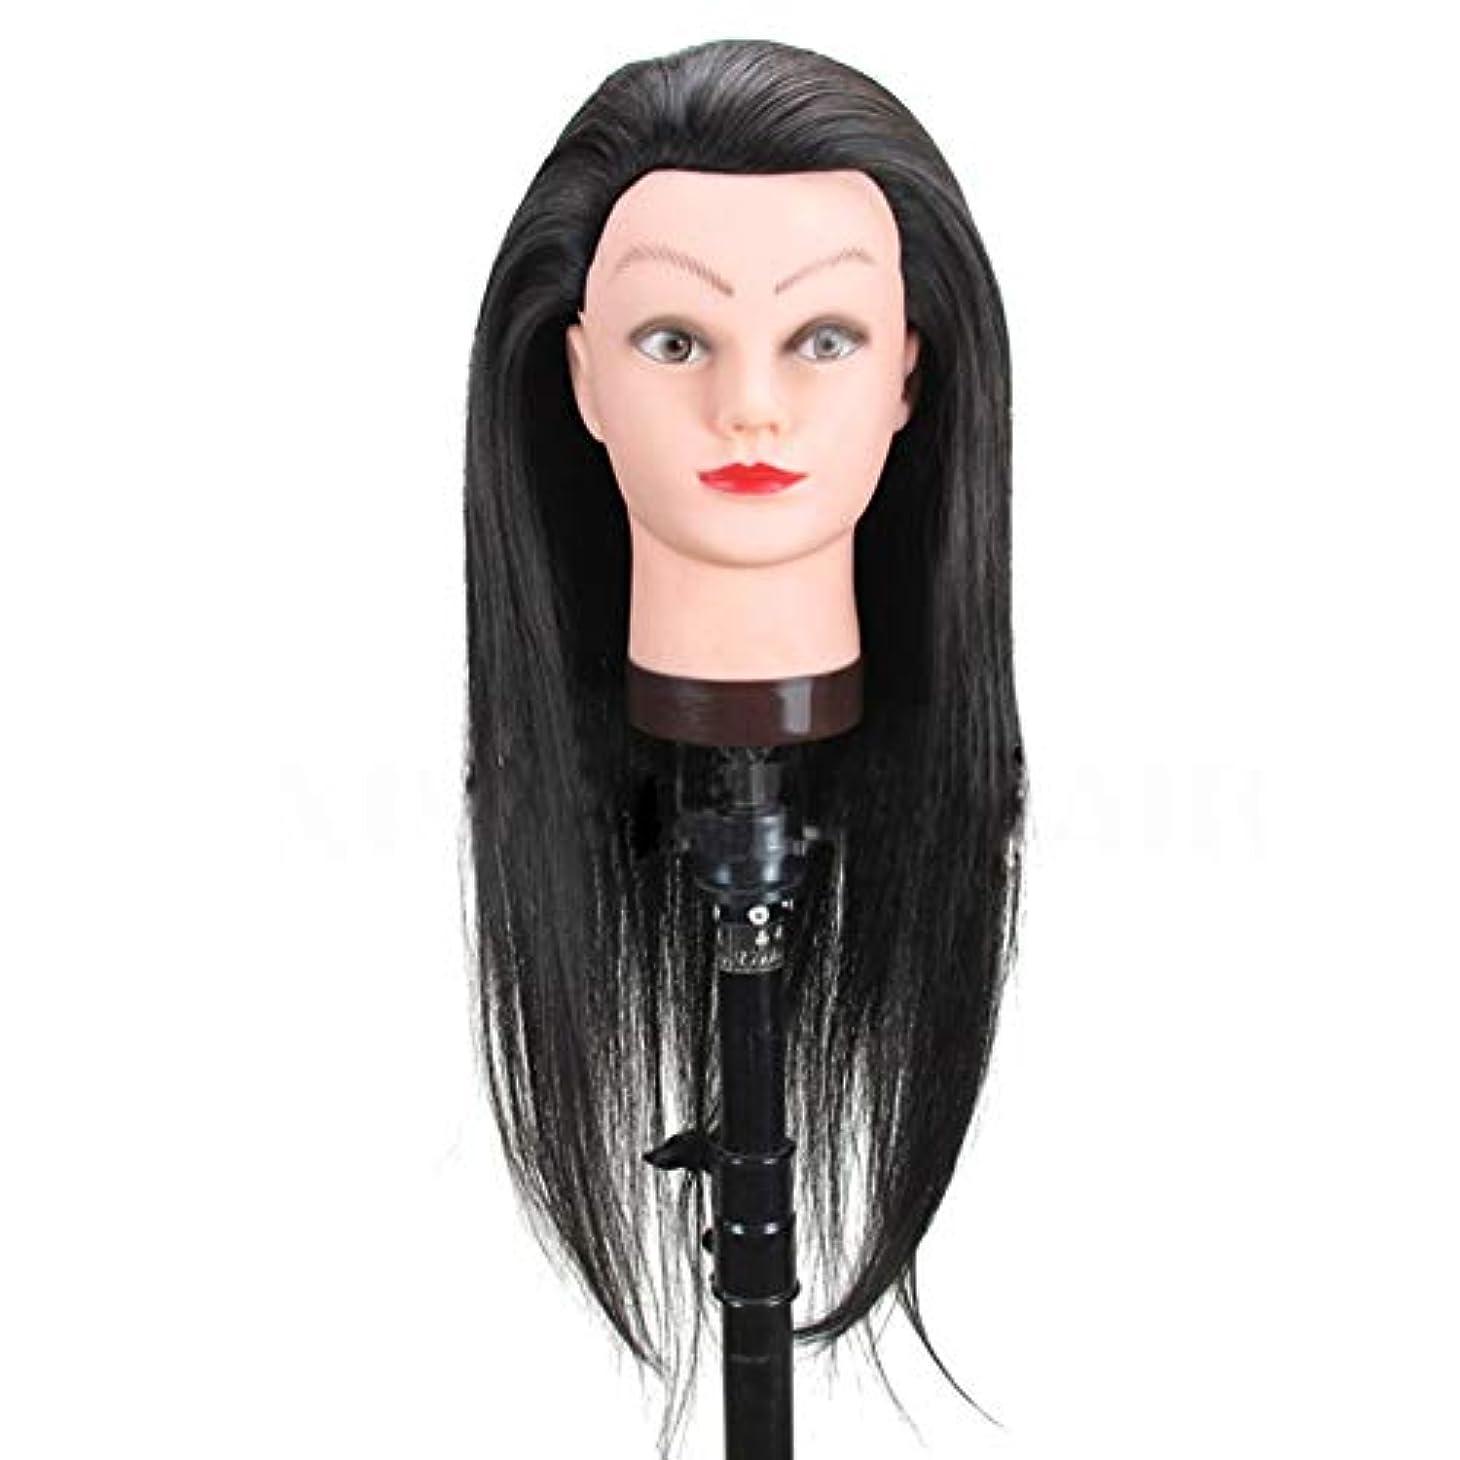 ゆるく同様のの量Hairdressing Practice Head Model Braided Hair Training Head Head Barbershop Haircut Learning Dummy Mannequin Head.